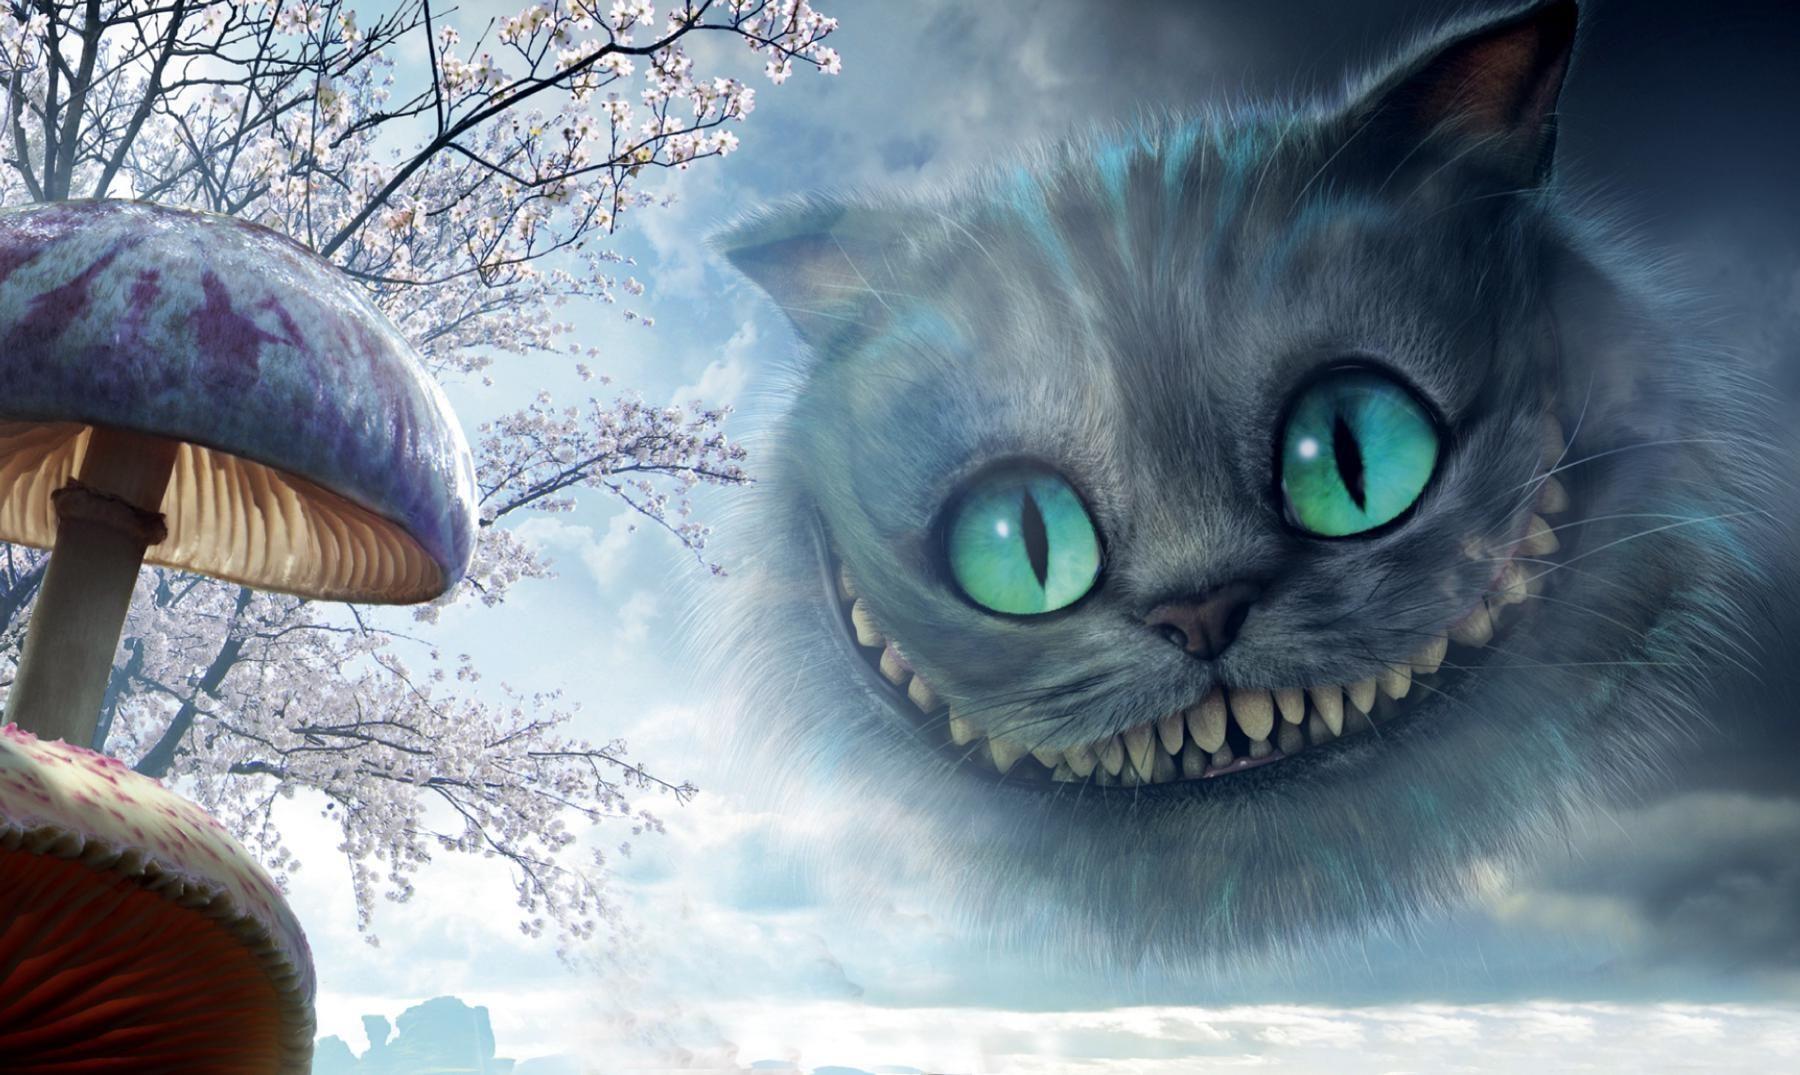 El gato de Chessire | El gato sonrisas | Pinterest | El gato, Gato y ...